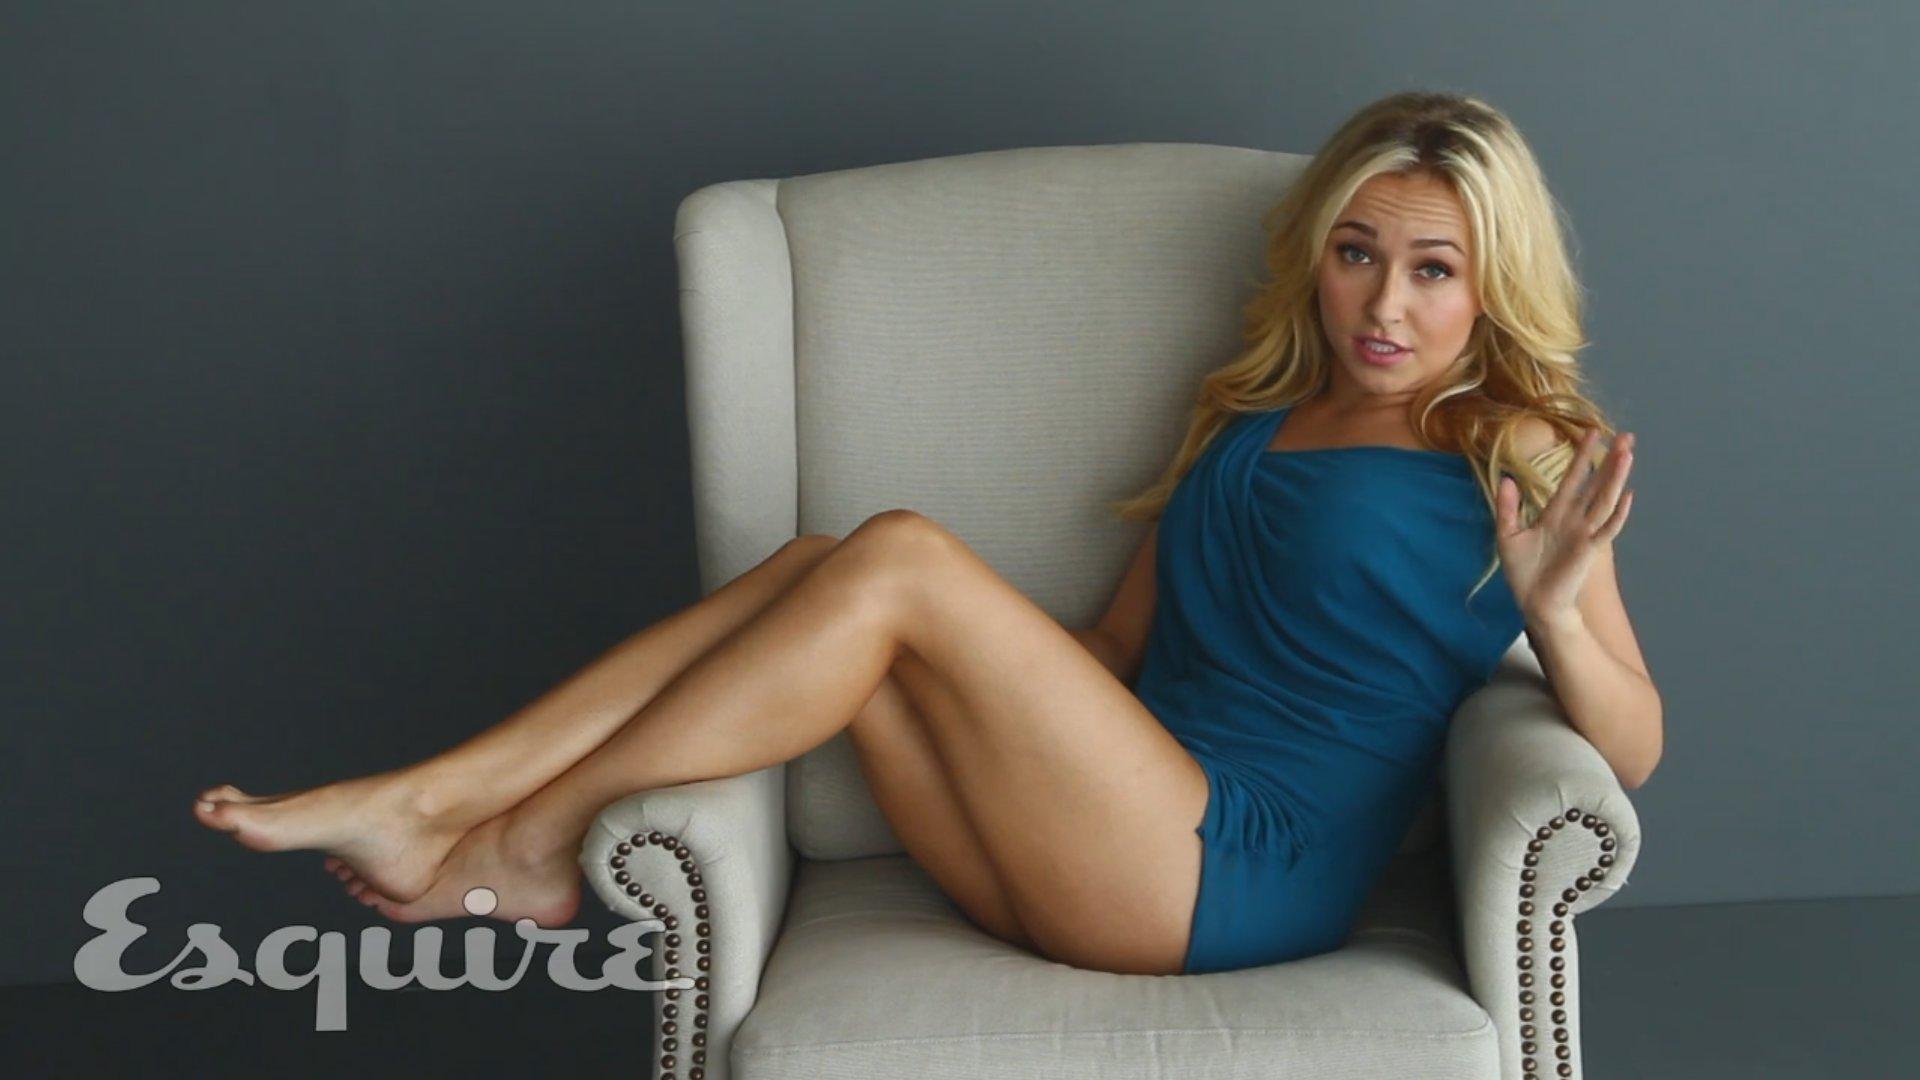 fotos de Hayden Panettiere desnuda 2